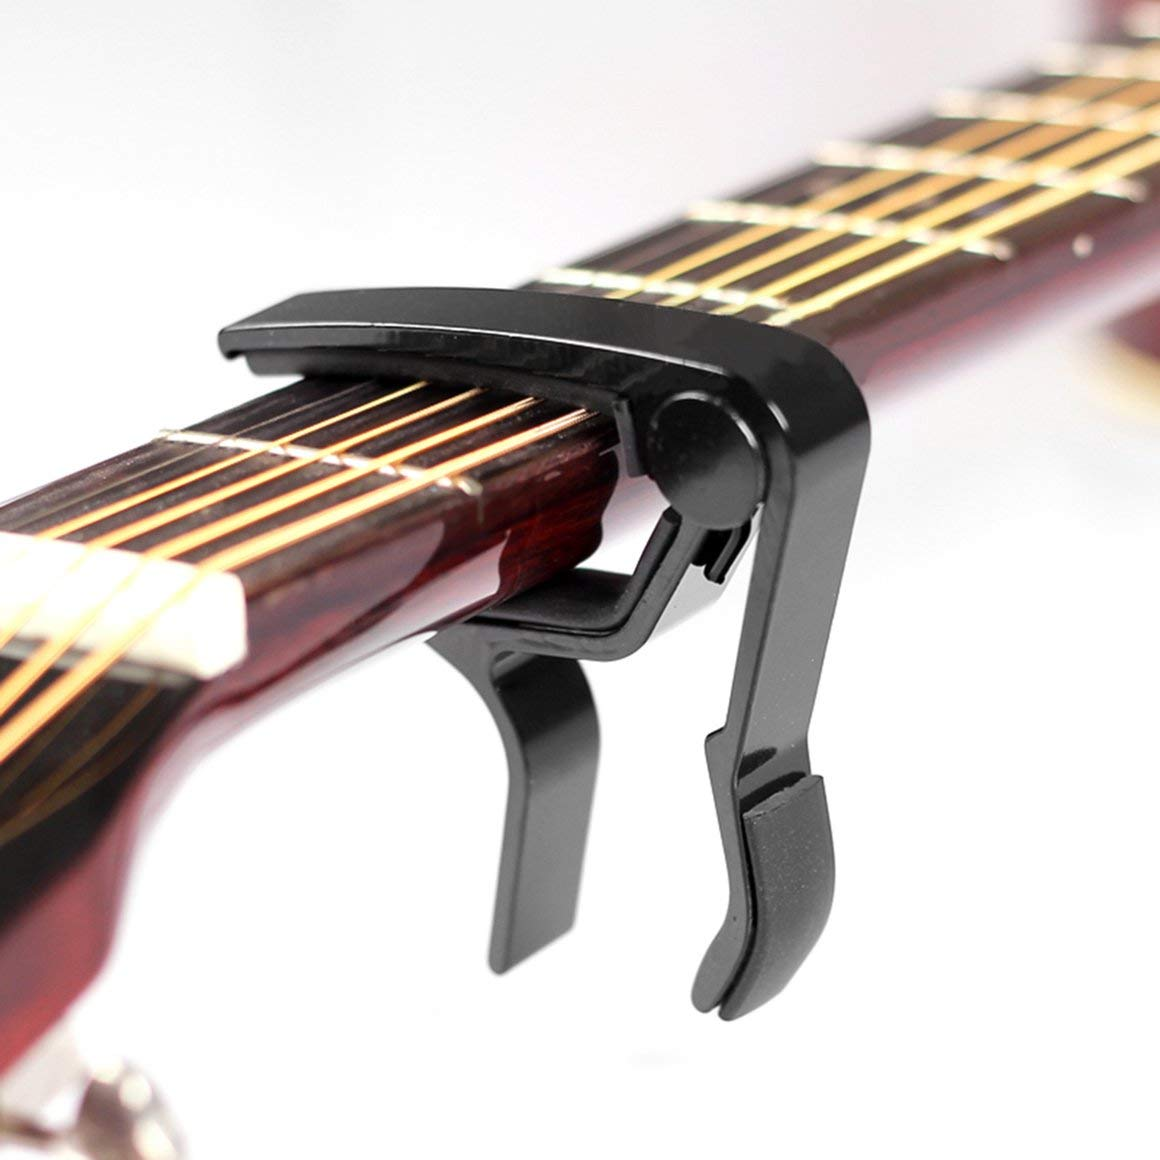 Funnyrunstore Chitarra Acustica elettrica in Lega di Alluminio Capo Basso Violino Ukulele Capo Trigger con Morsetto a Una Mano Materiale Metallo